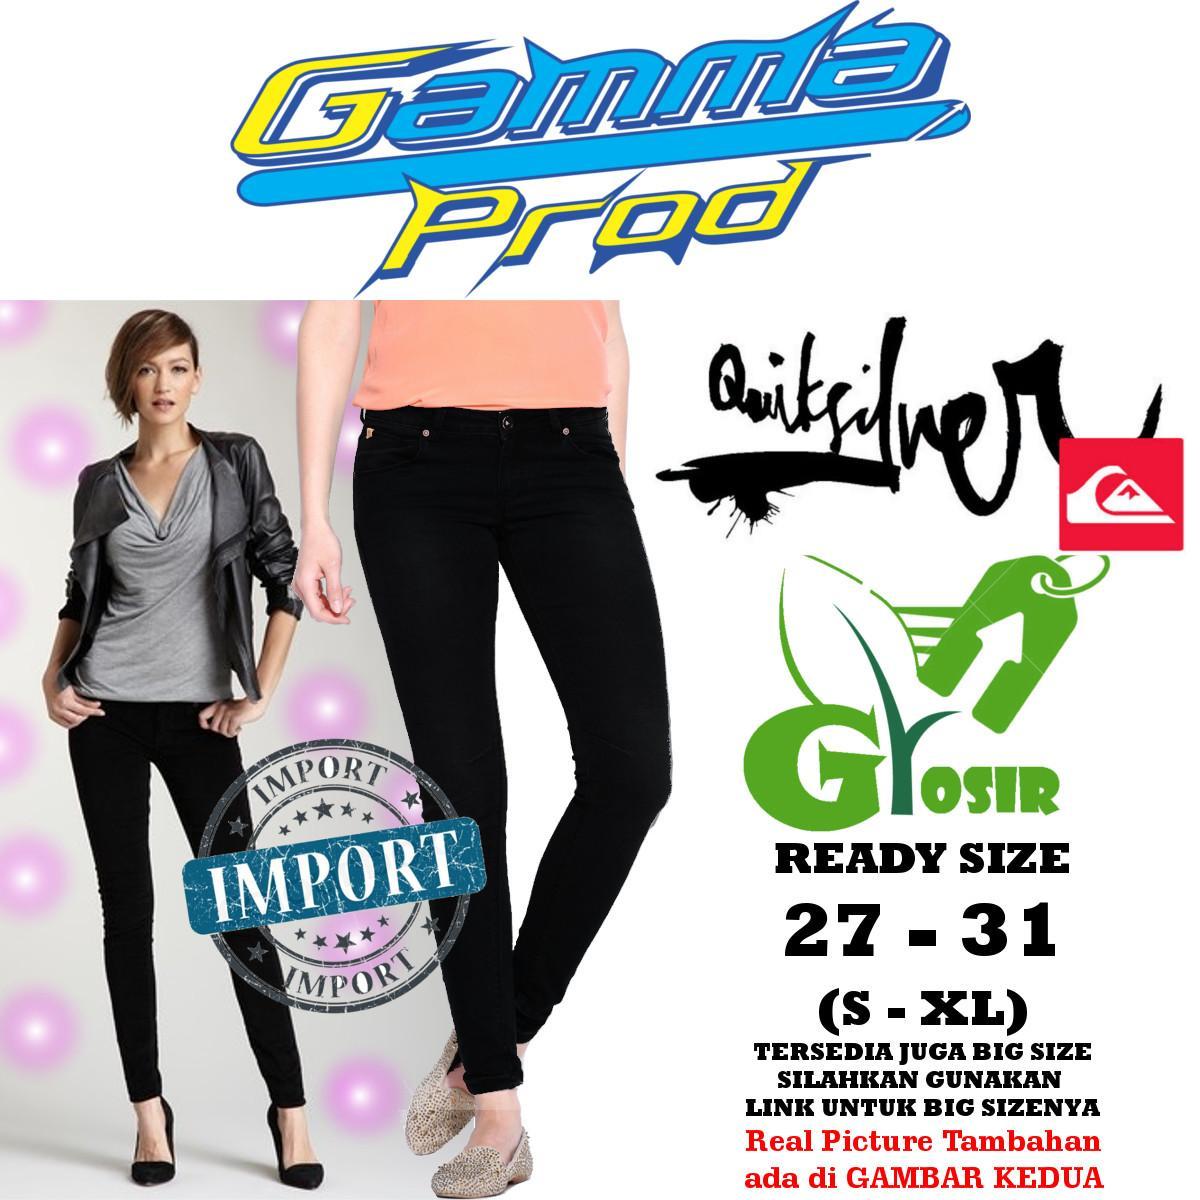 Info Harga Celana Quiksilver Jeans Terbaru Termurah Bulan Ini Maret ... 4c9d4a622b